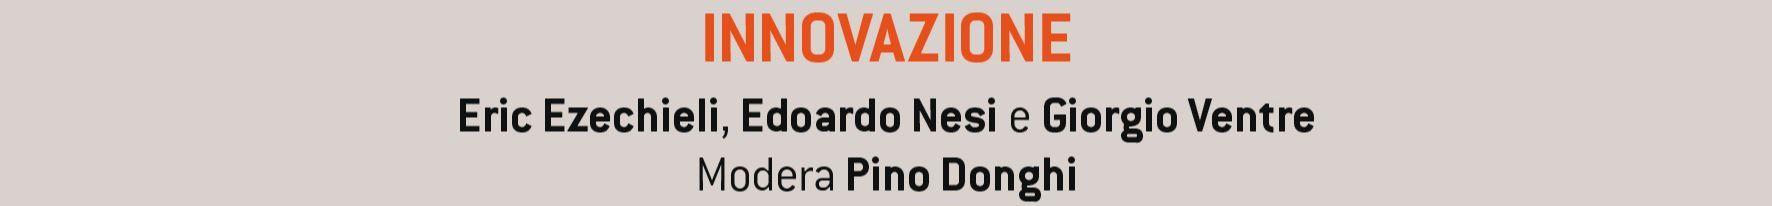 INNOVAZIONE - Eric Ezechieli, Edoardo Nesi e Giorgio Ventre. Modera Pino Donghi